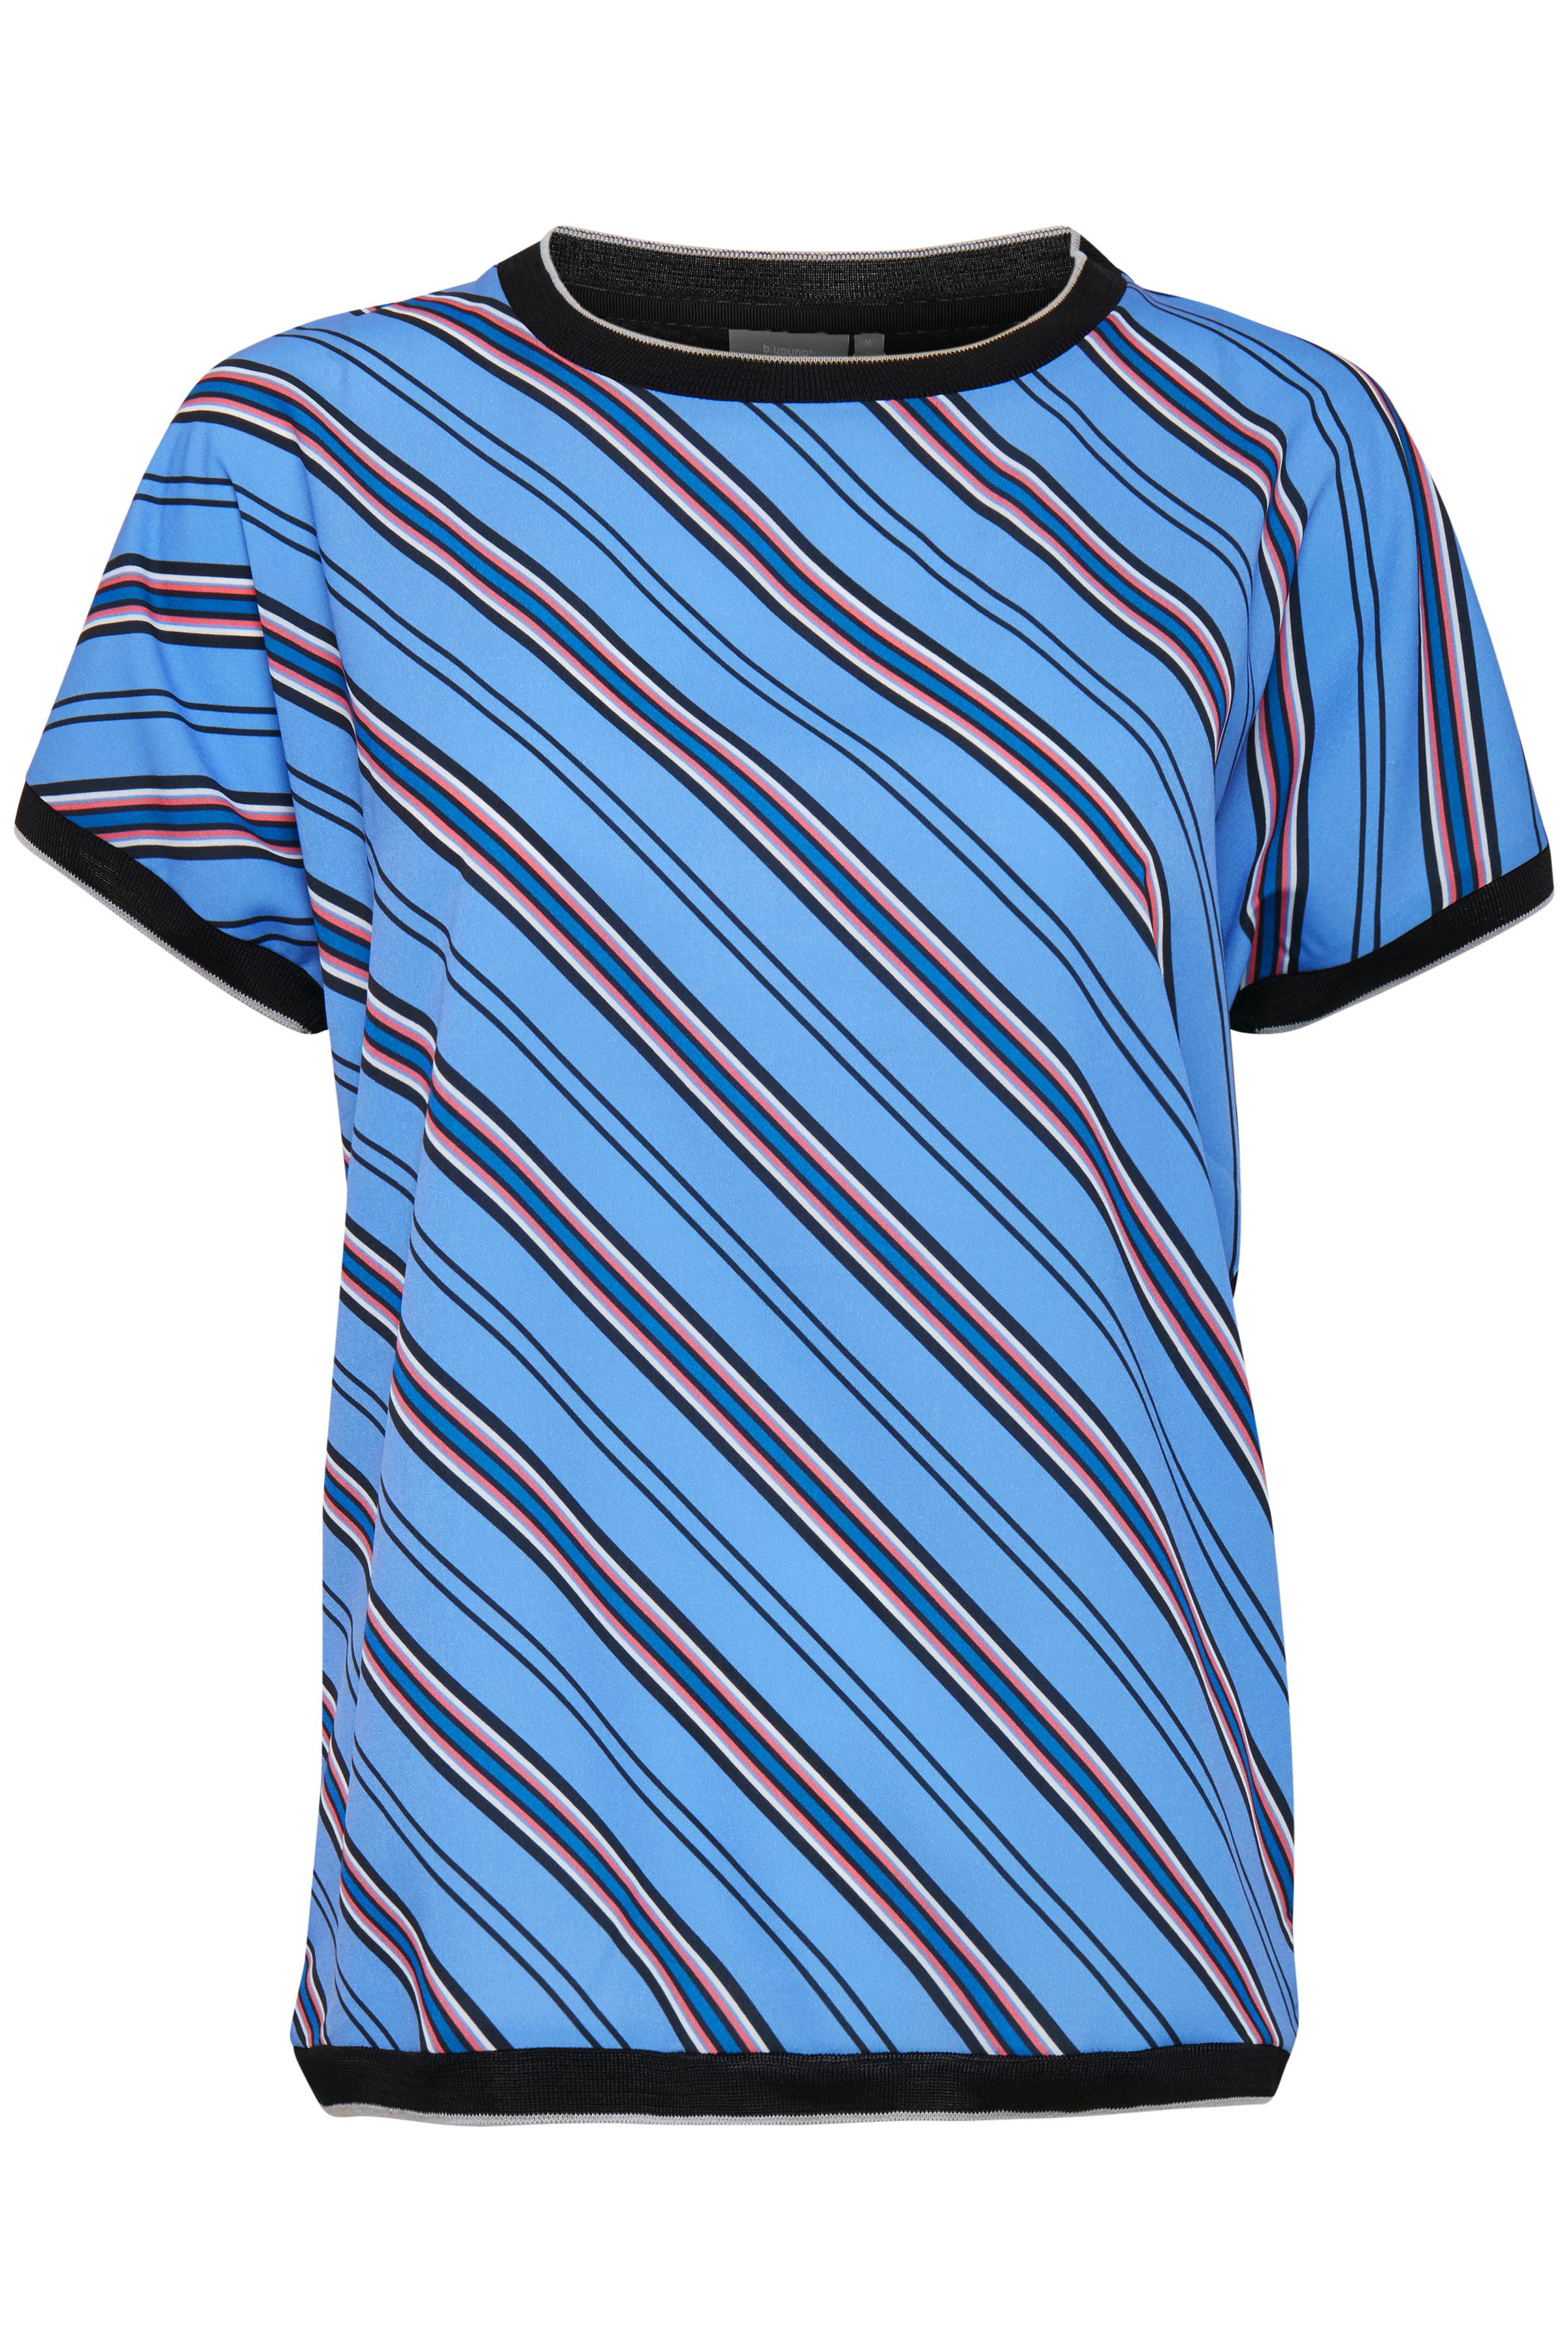 Støvet blå/marineblå